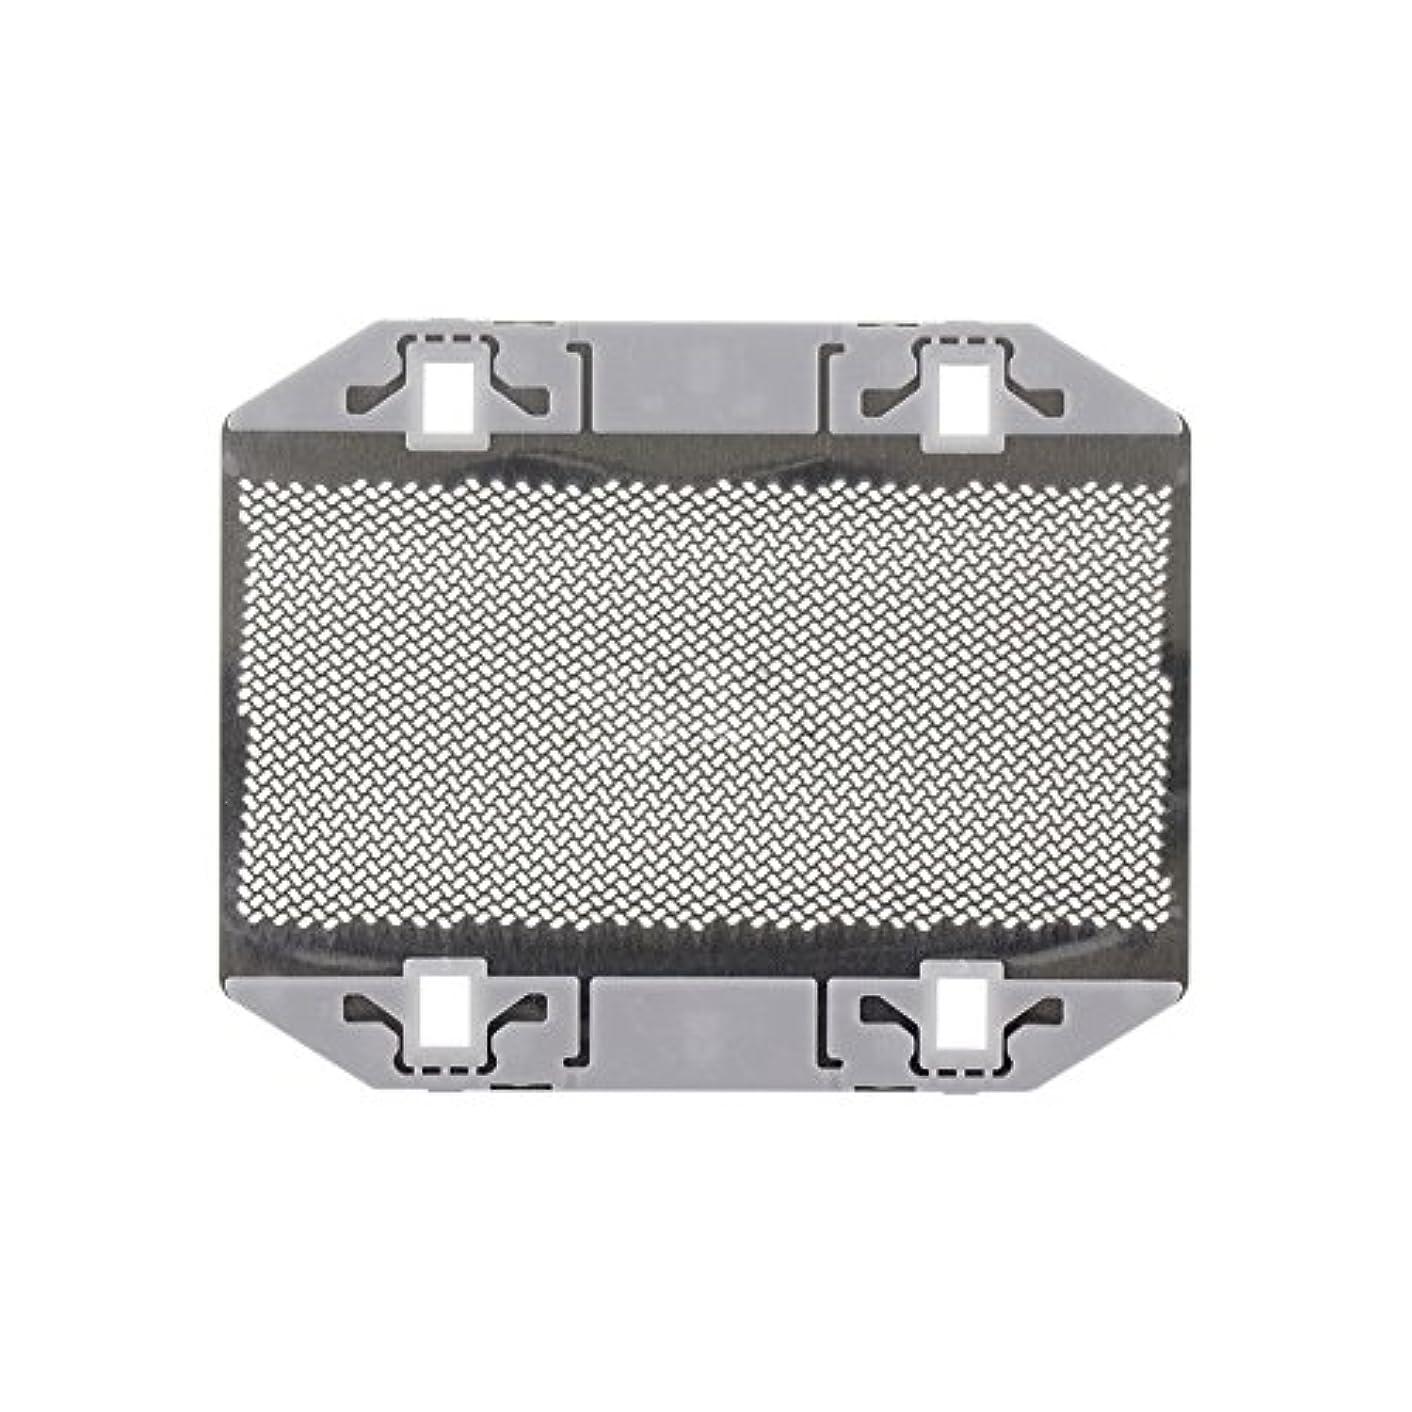 水免疫するルーチンJuleyaing シェーバー用品 回転式シェーバー 部品 外刃 替刃 交代品 for Panasonic ES9943 ES3042 ES3801 ES3750 ES365 ES366